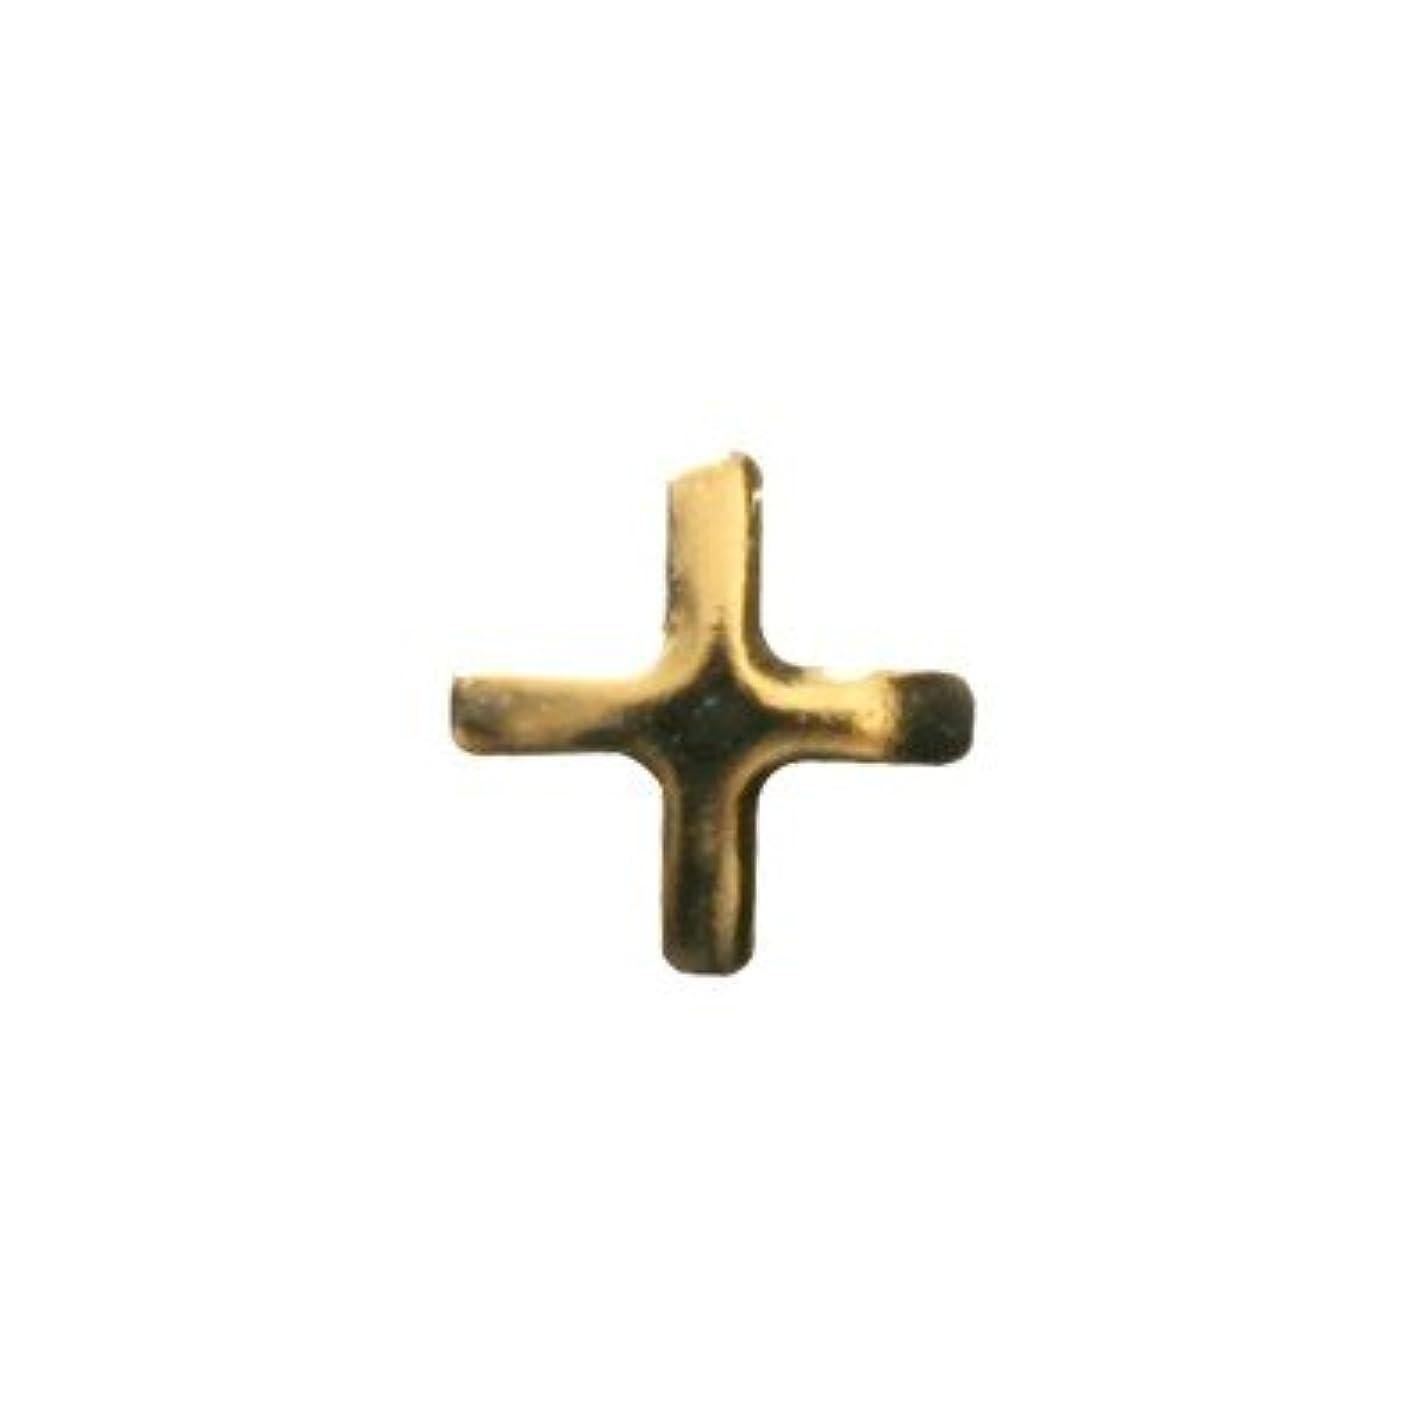 メイン大統領放送ピアドラ スタッズ クロスレット ハーフ 3mm 50P ゴールド